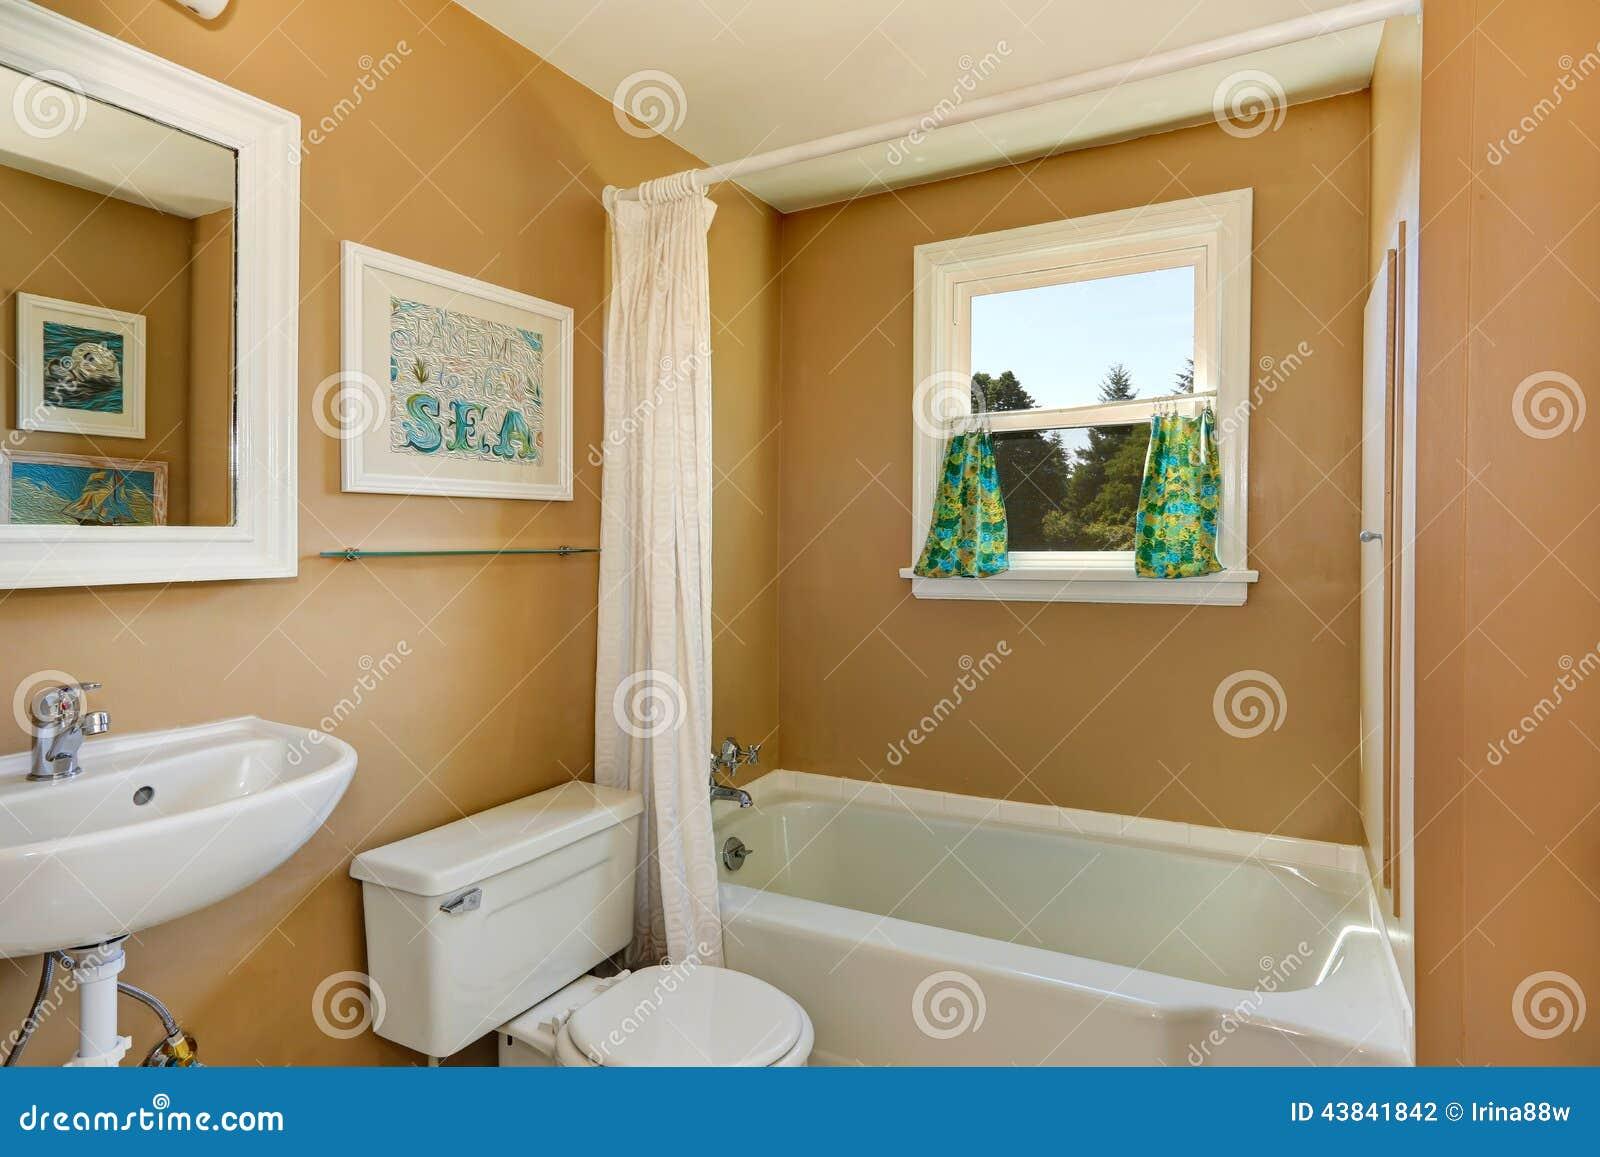 simples do banheiro com janela pequena e a cortina branca do banho #6F4814 1300x957 Banheiro Bege Com Cuba Branca